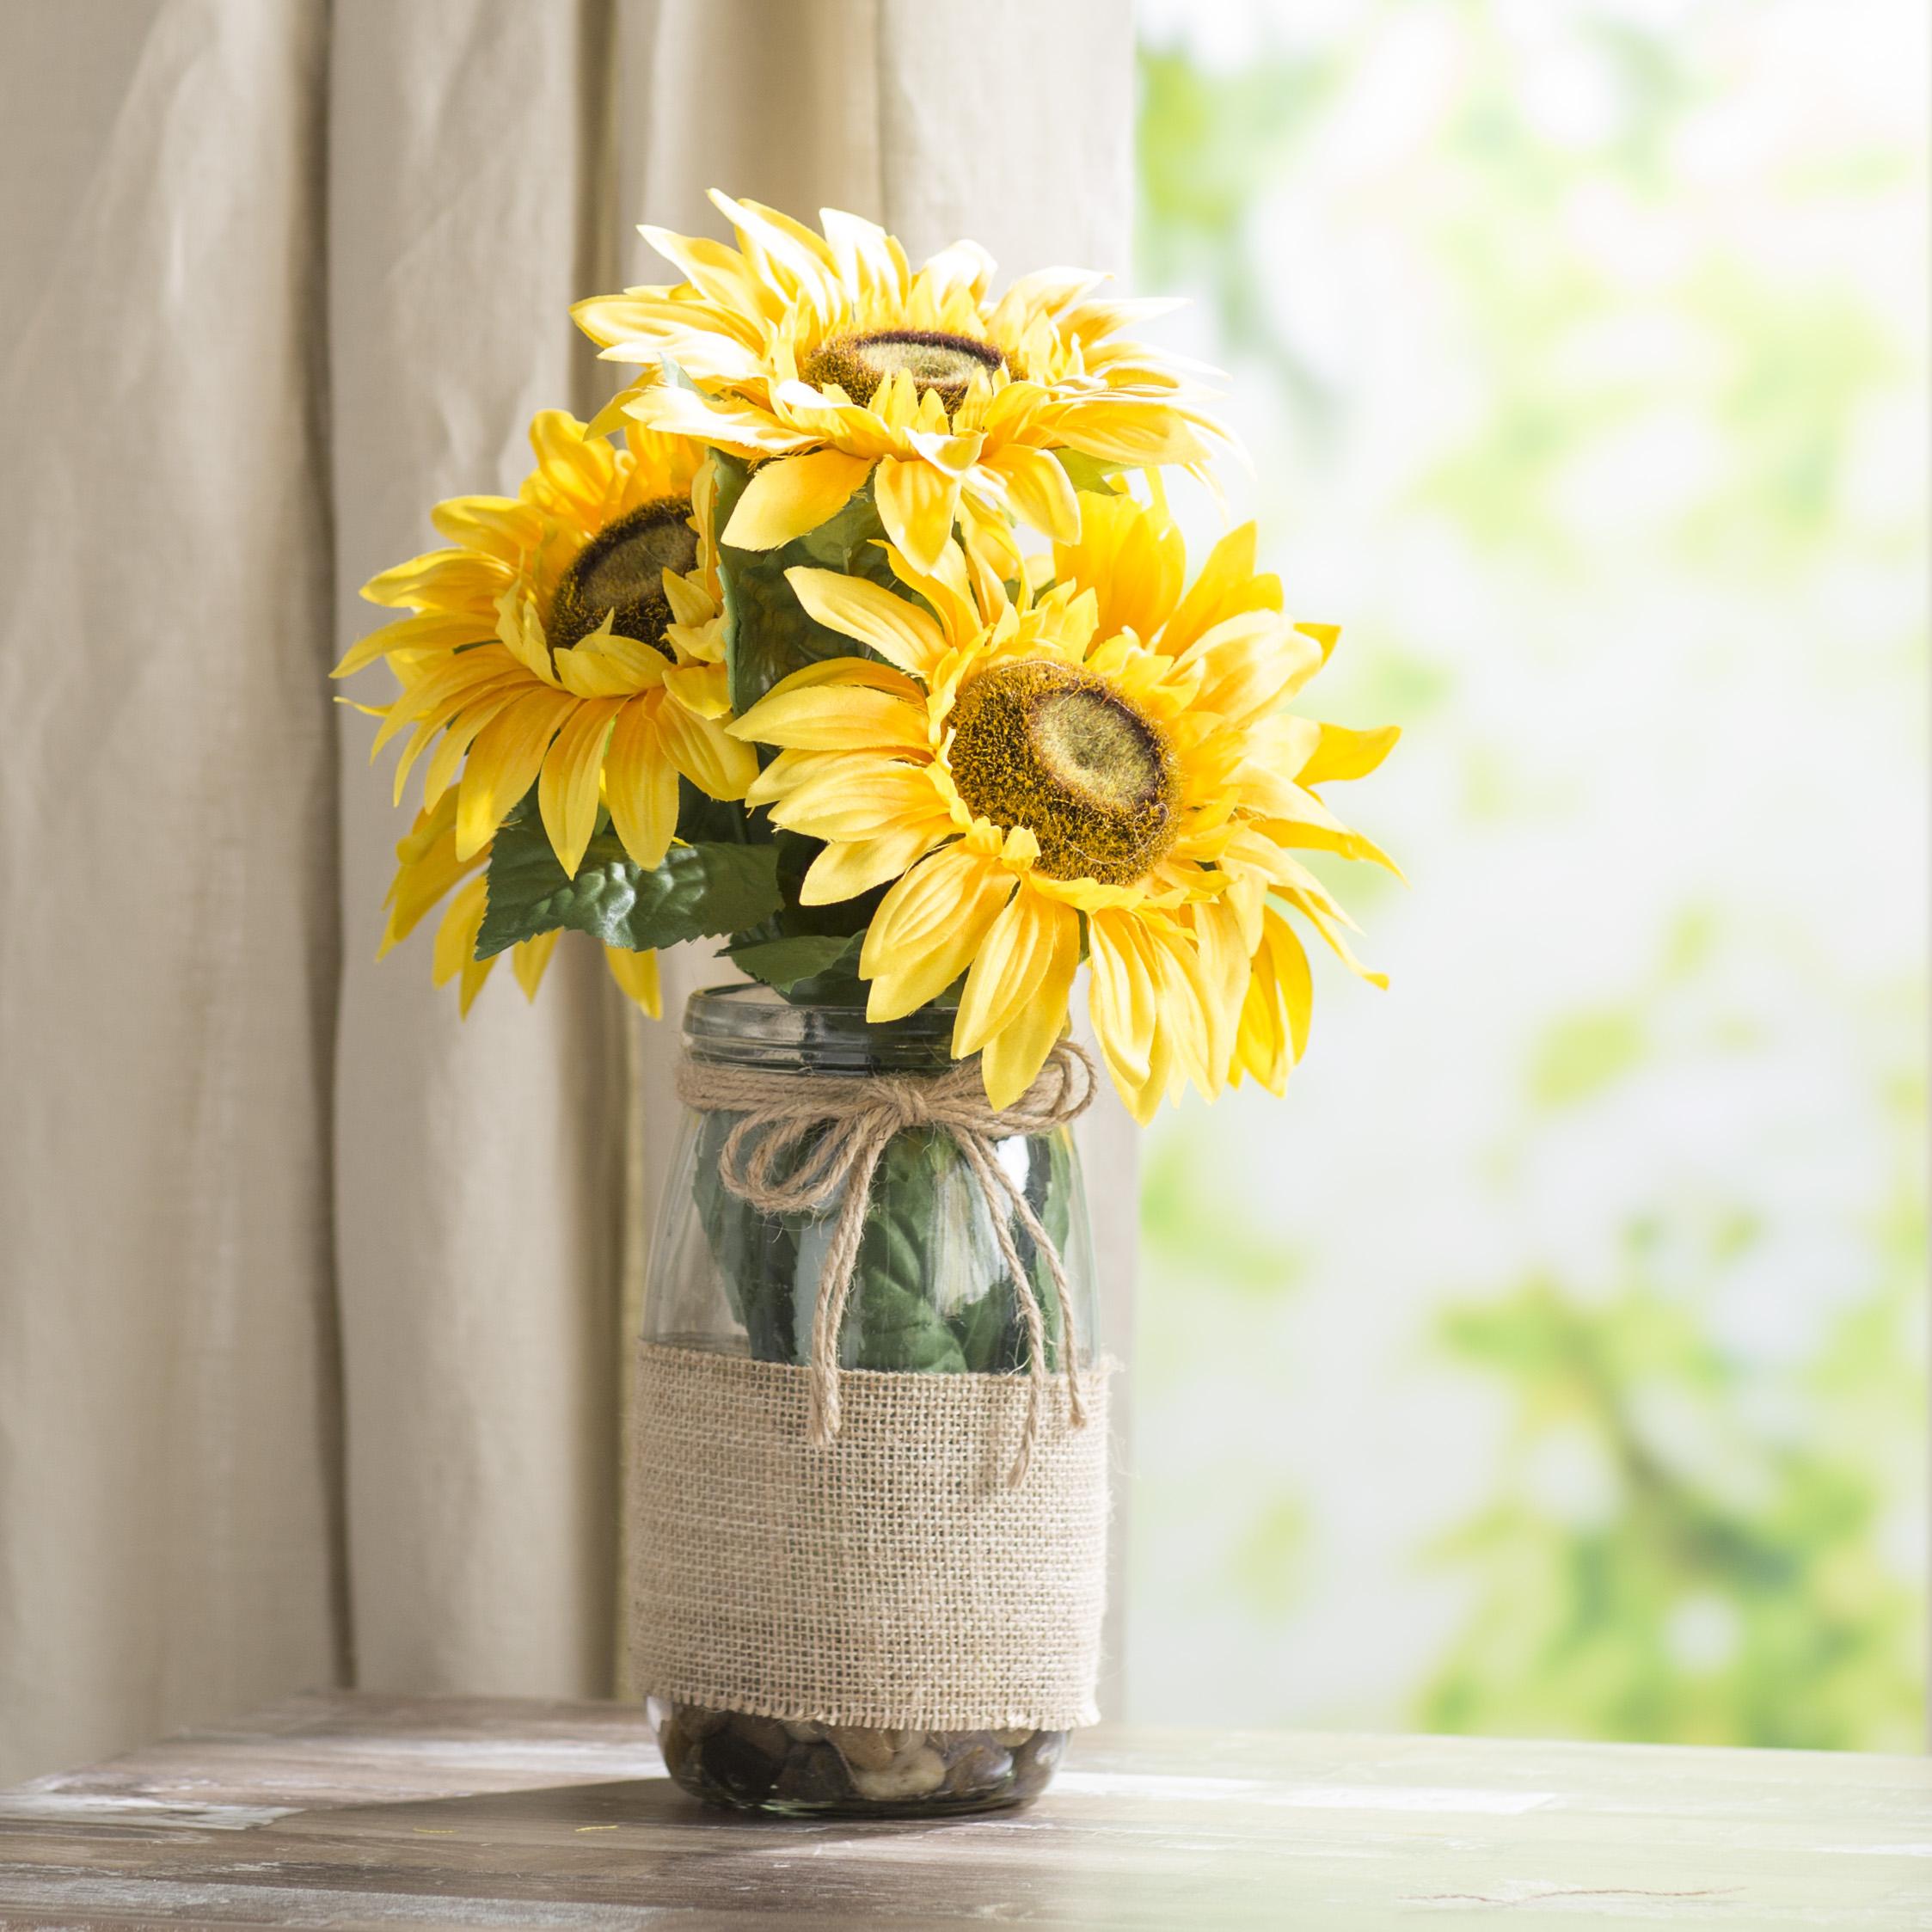 Faux Plants & Florals | Birch Lane